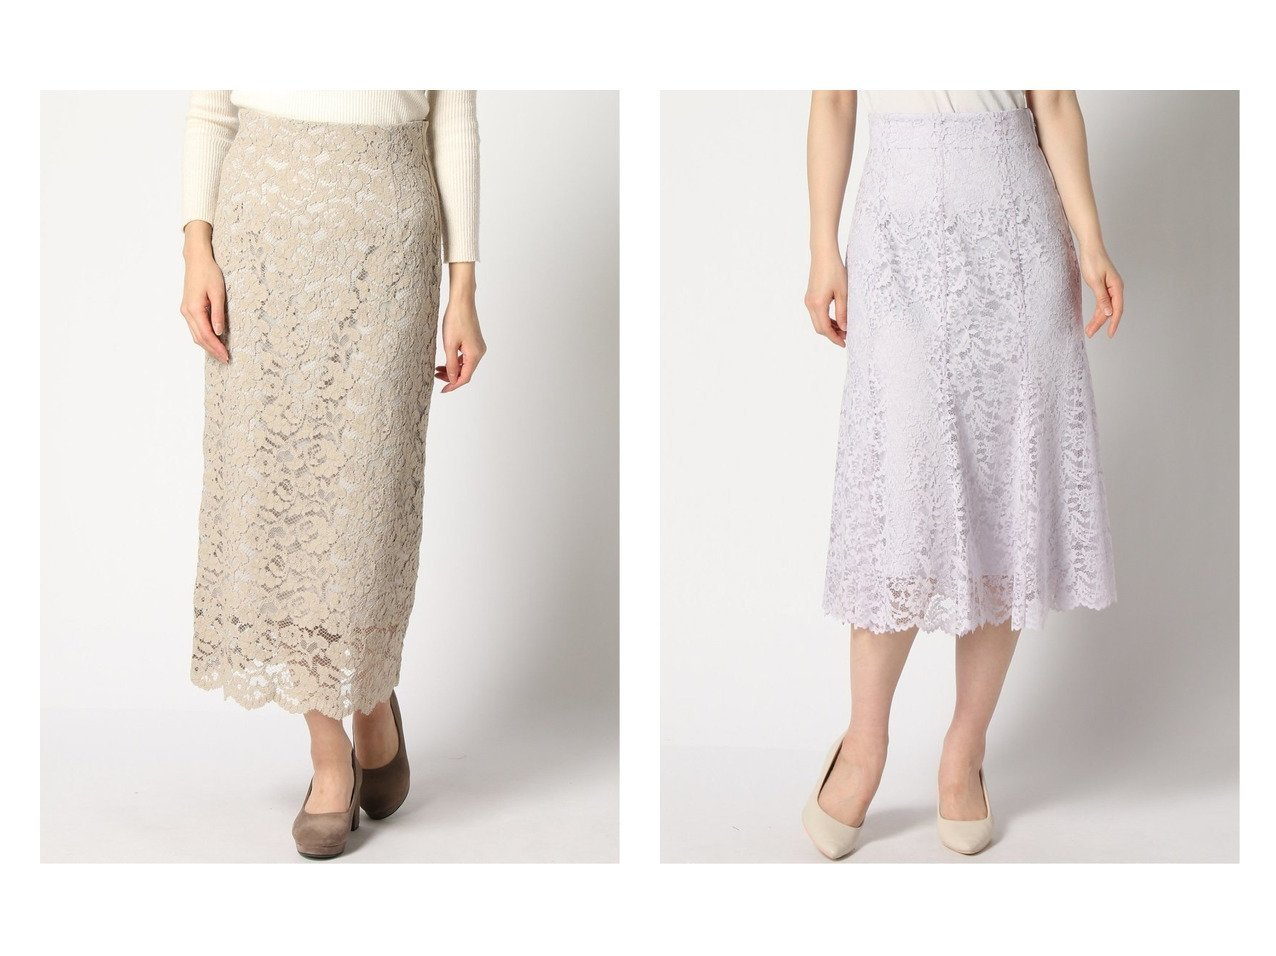 【La TOTALITE/ラ トータリテ】のレースフレアSK.Re 4&レースロング タイトSK La TOTALITEのおすすめ!人気、トレンド・レディースファッションの通販  おすすめで人気の流行・トレンド、ファッションの通販商品 メンズファッション・キッズファッション・インテリア・家具・レディースファッション・服の通販 founy(ファニー) https://founy.com/ ファッション Fashion レディースファッション WOMEN スカート Skirt Aライン/フレアスカート Flared A-Line Skirts NEW・新作・新着・新入荷 New Arrivals 2021年 2021 2021 春夏 S/S SS Spring/Summer 2021 S/S 春夏 SS Spring/Summer アンサンブル ジャケット タイトスカート トレンド ビッグ レース ロング 定番 Standard ショート シンプル バランス パープル フレア ブルゾン リラックス |ID:crp329100000017362